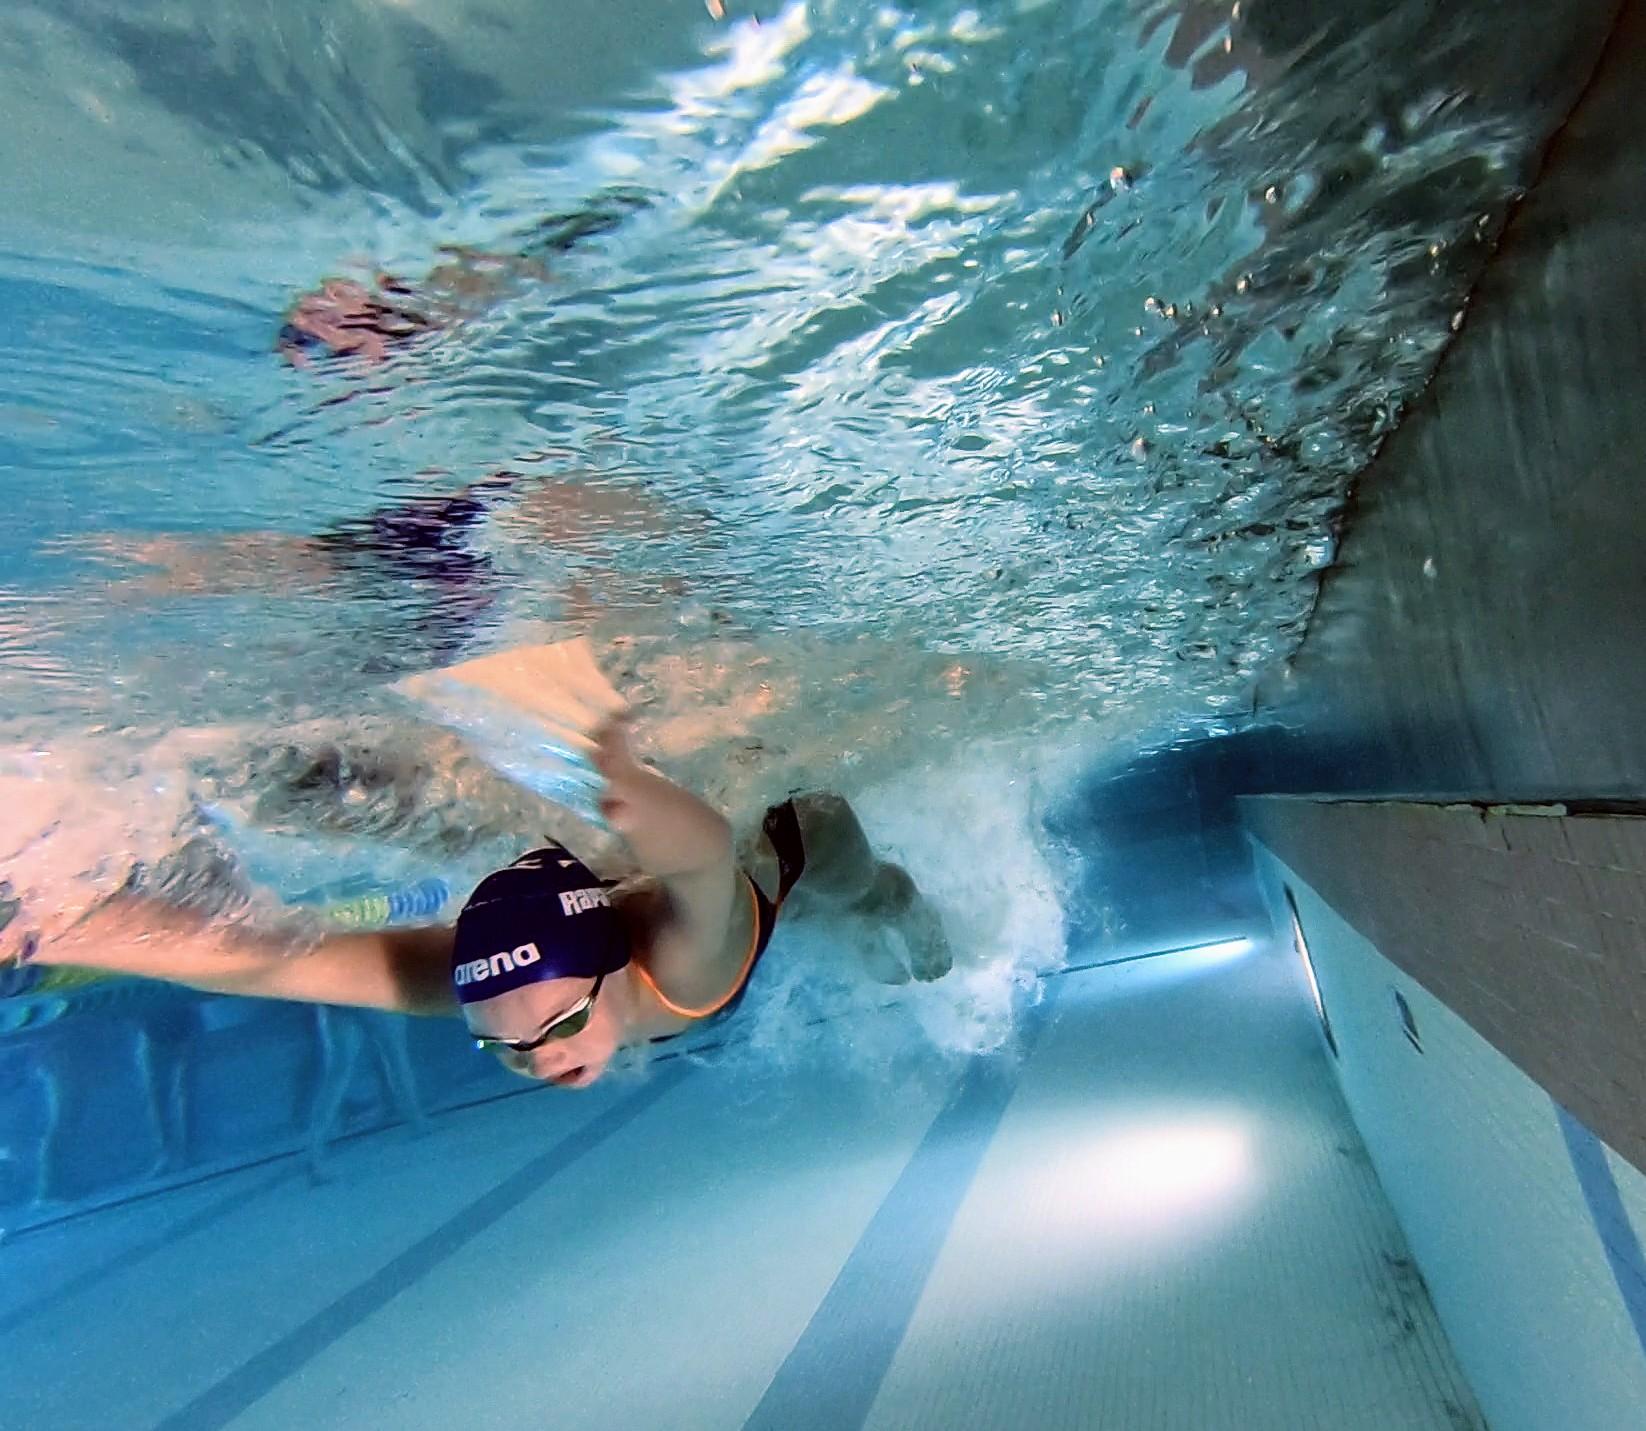 Image from Techniq Group underwater video analysis